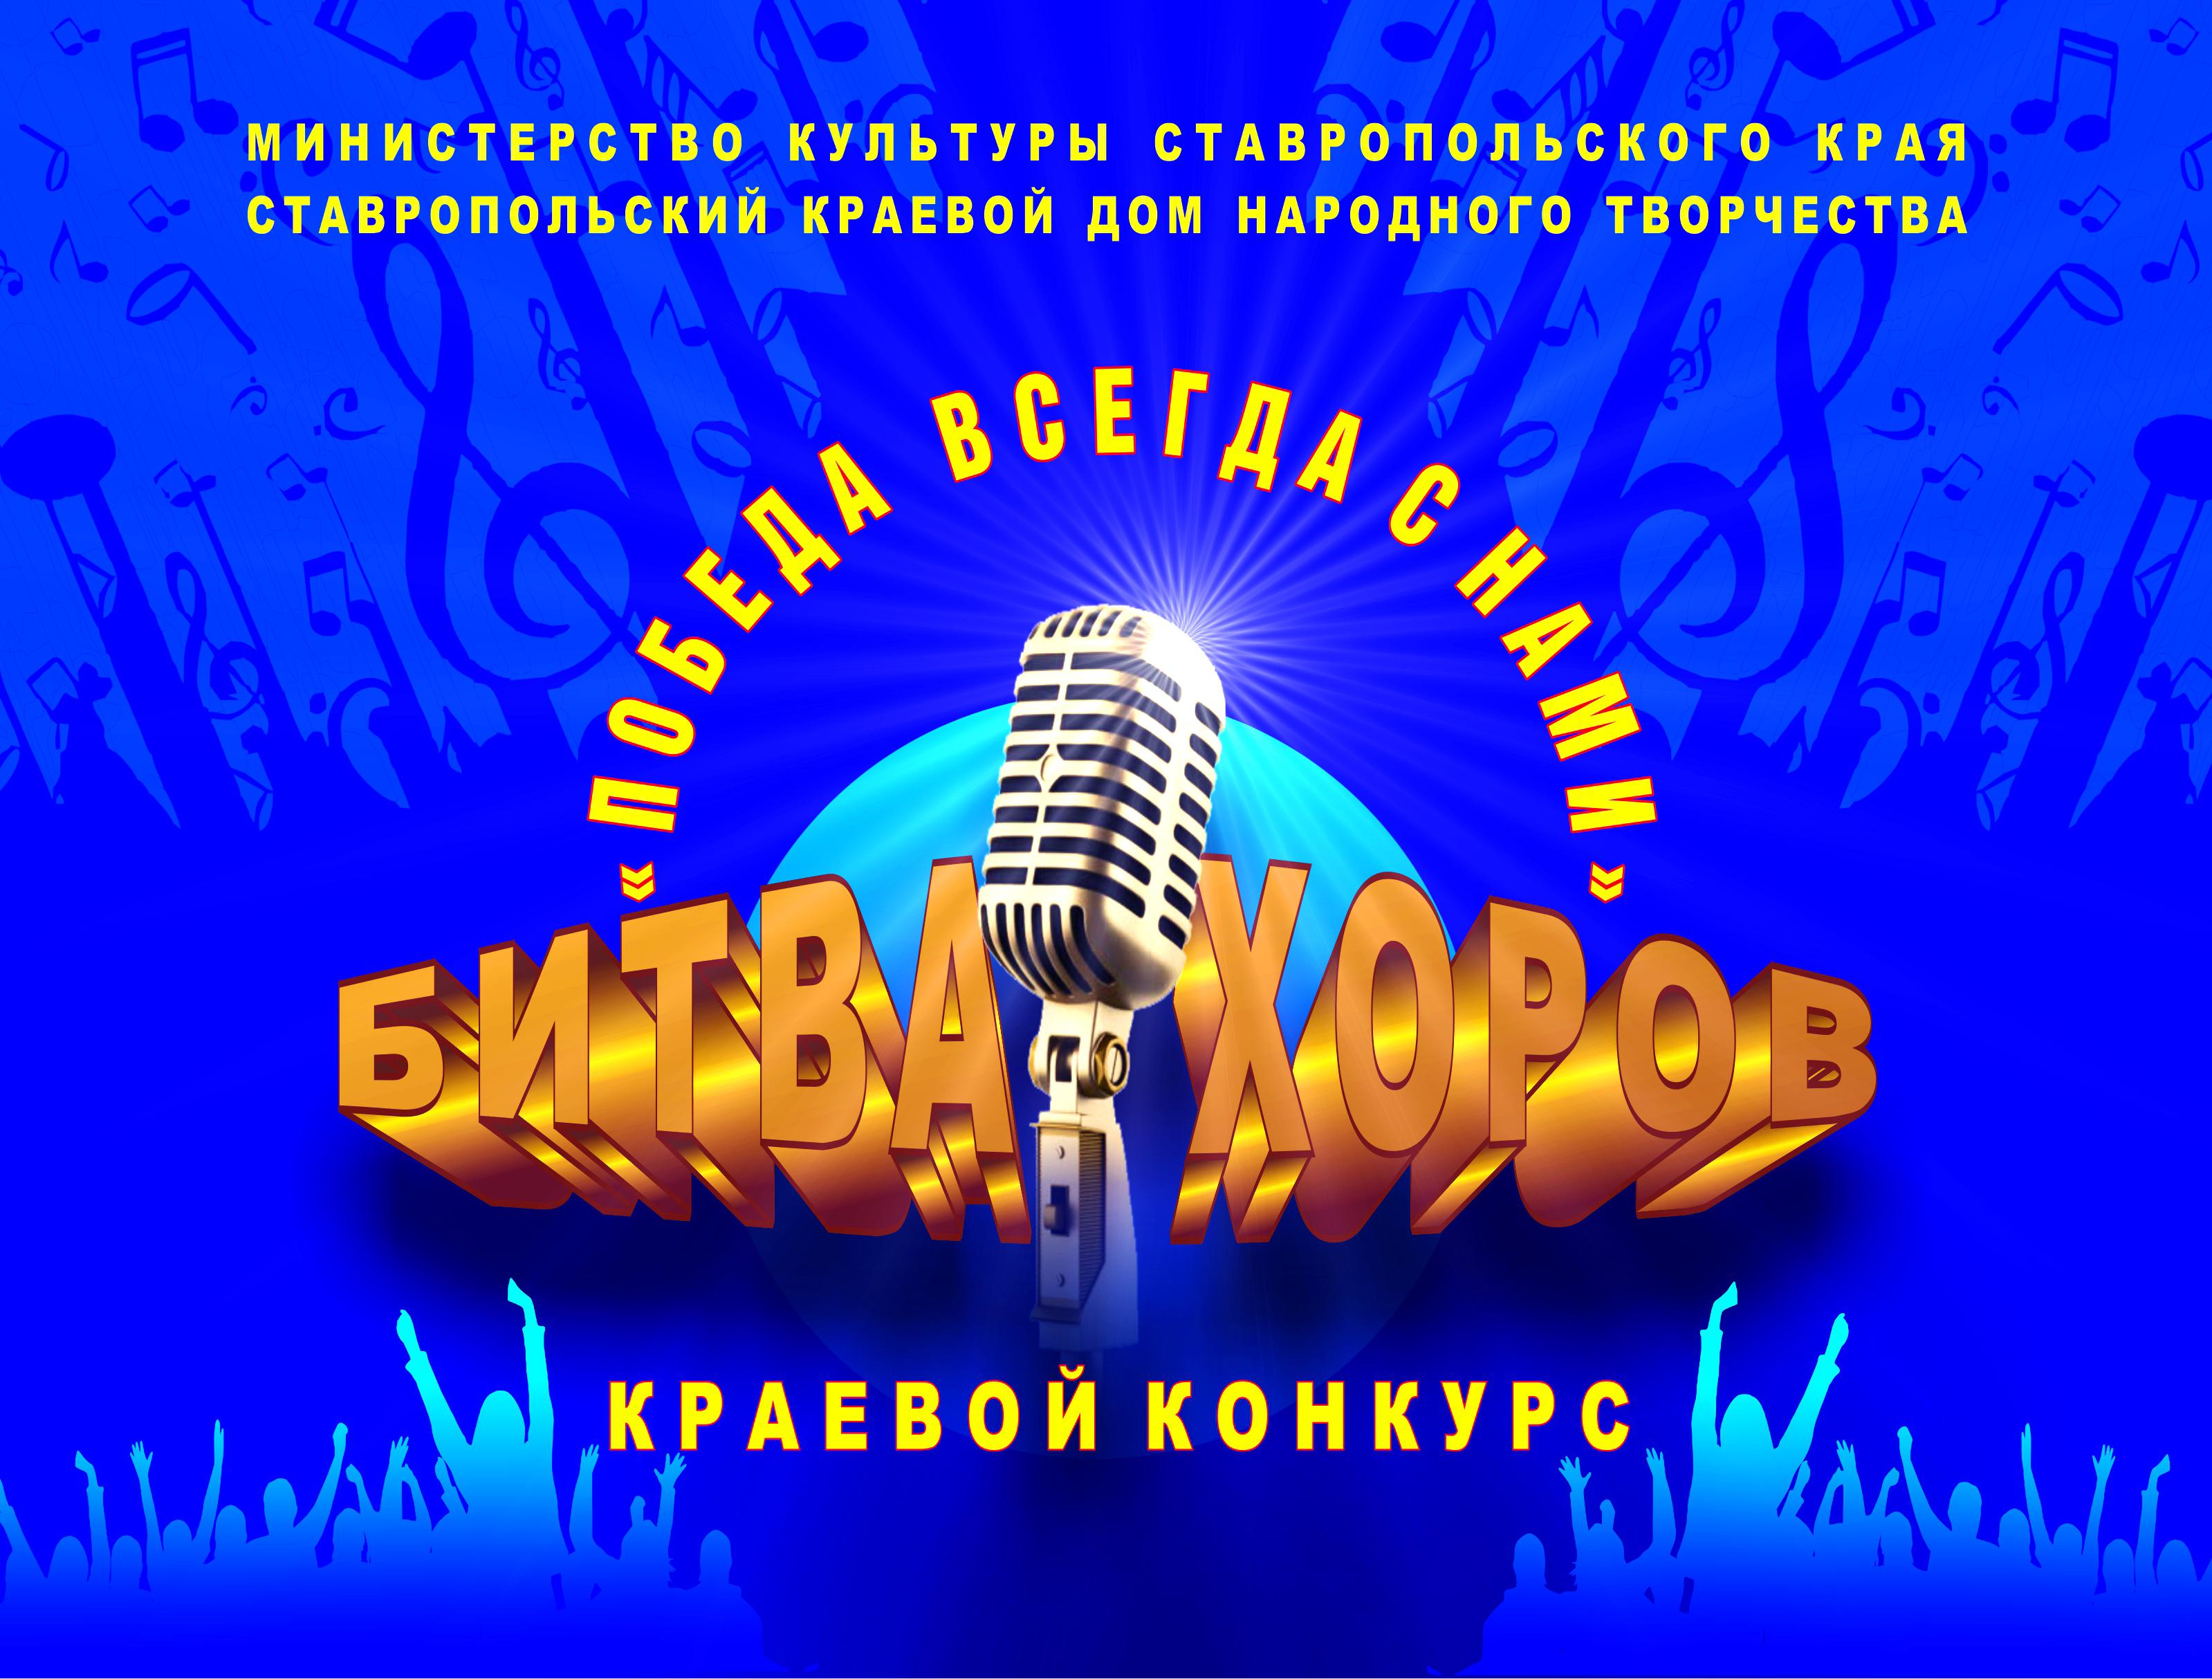 Стартует краевой конкурс «Битва хоров» «Победа всегда с нами»